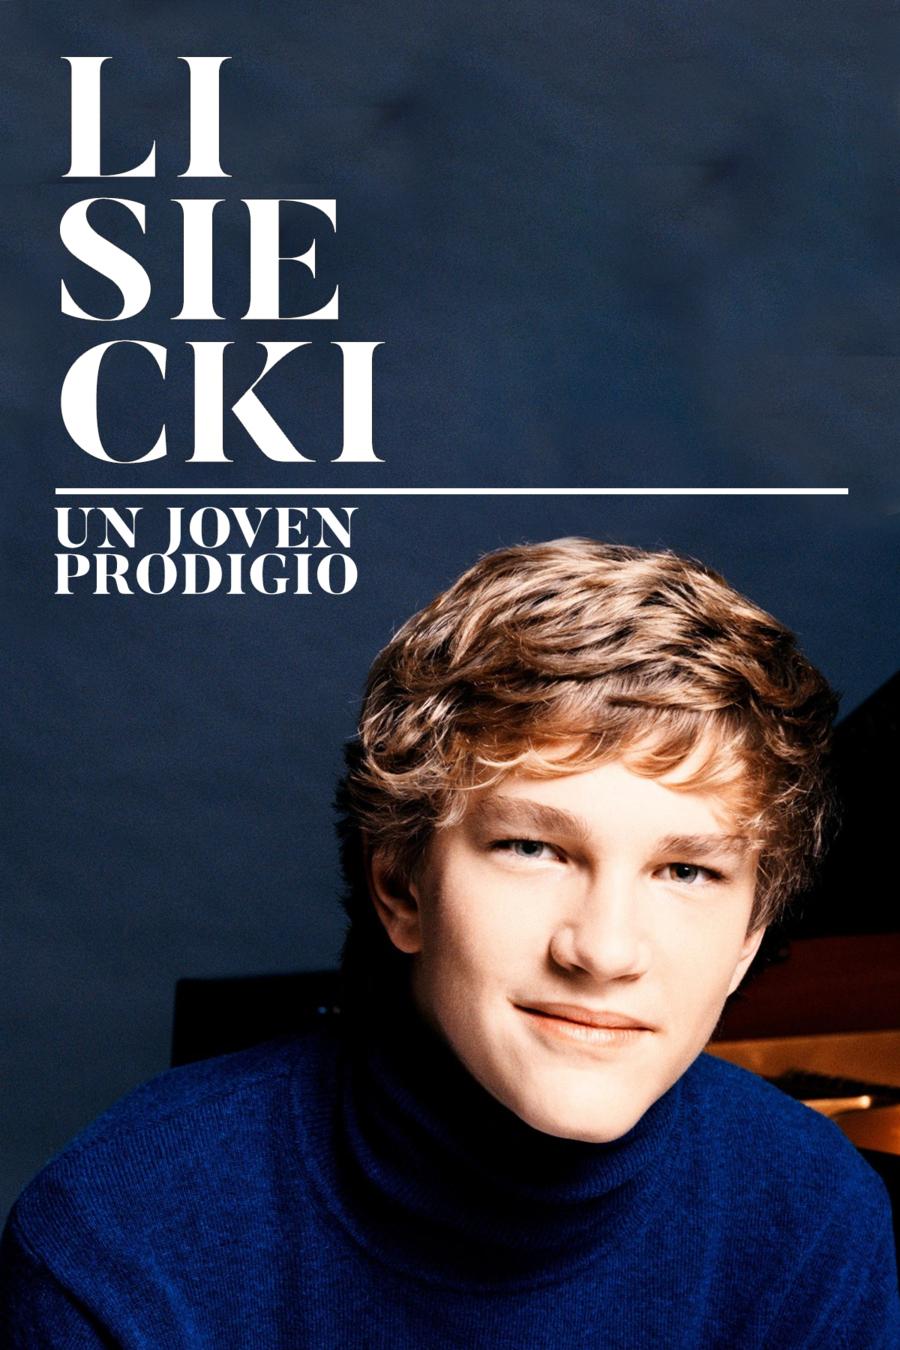 Jan Lisiecki, un jove prodigi